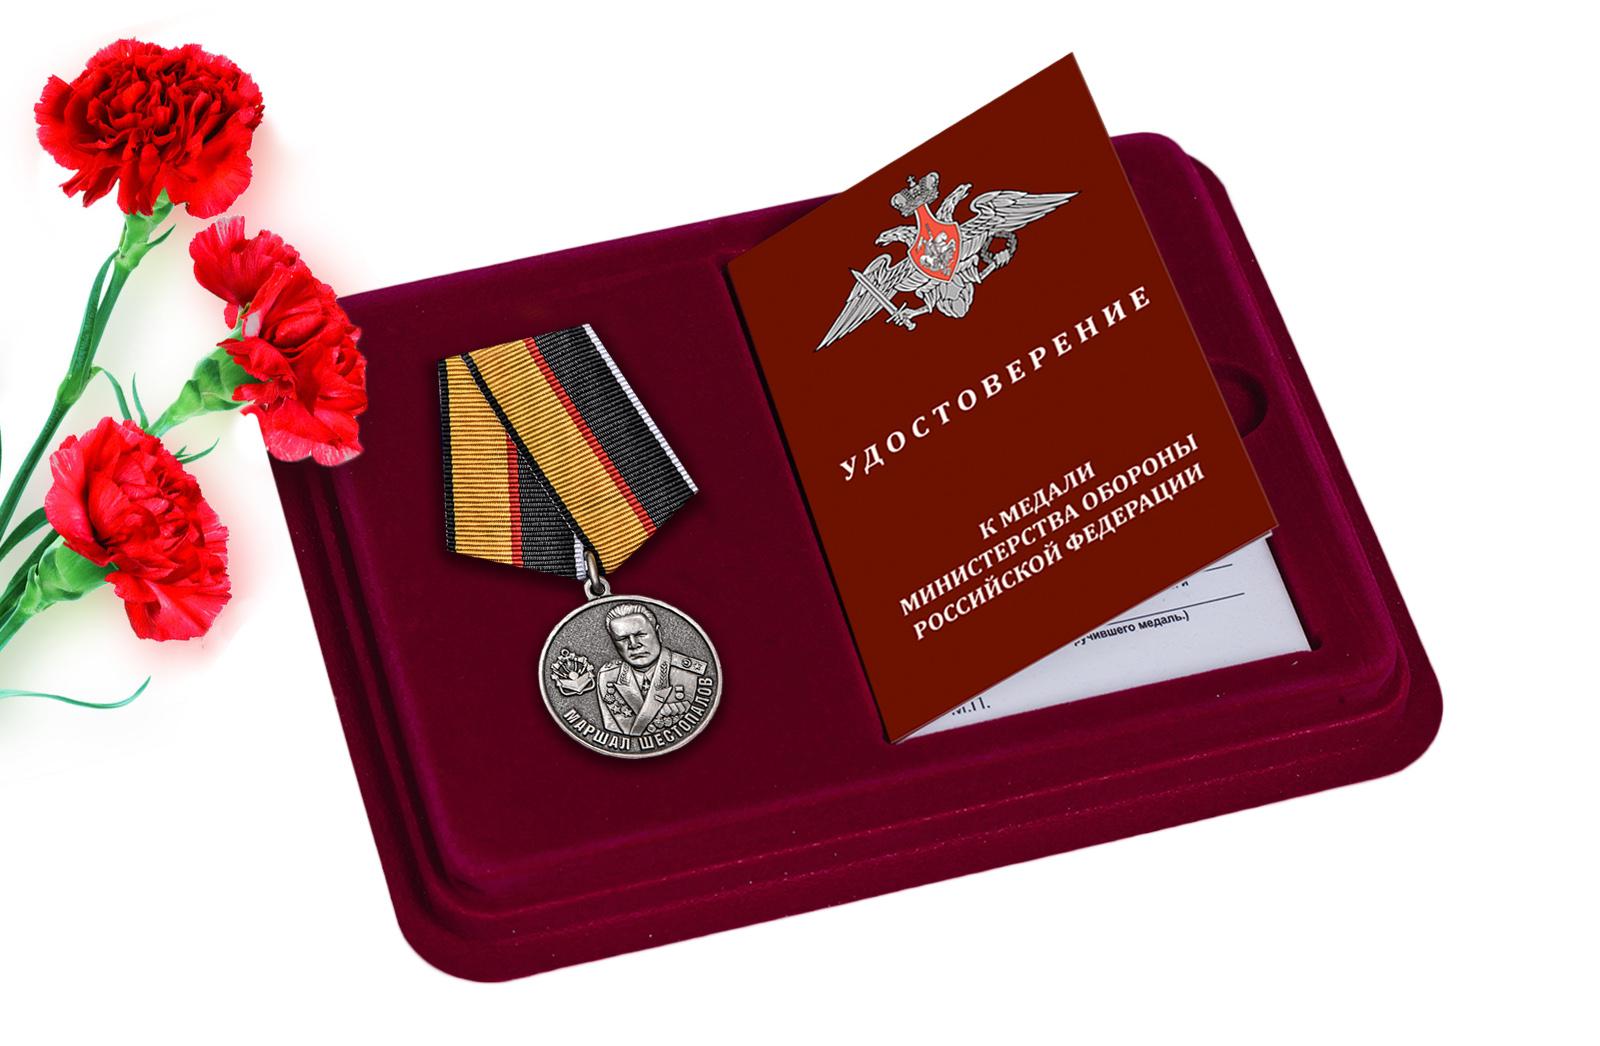 Купить медаль Маршал Шестопалов МО РФ оптом или в розницу